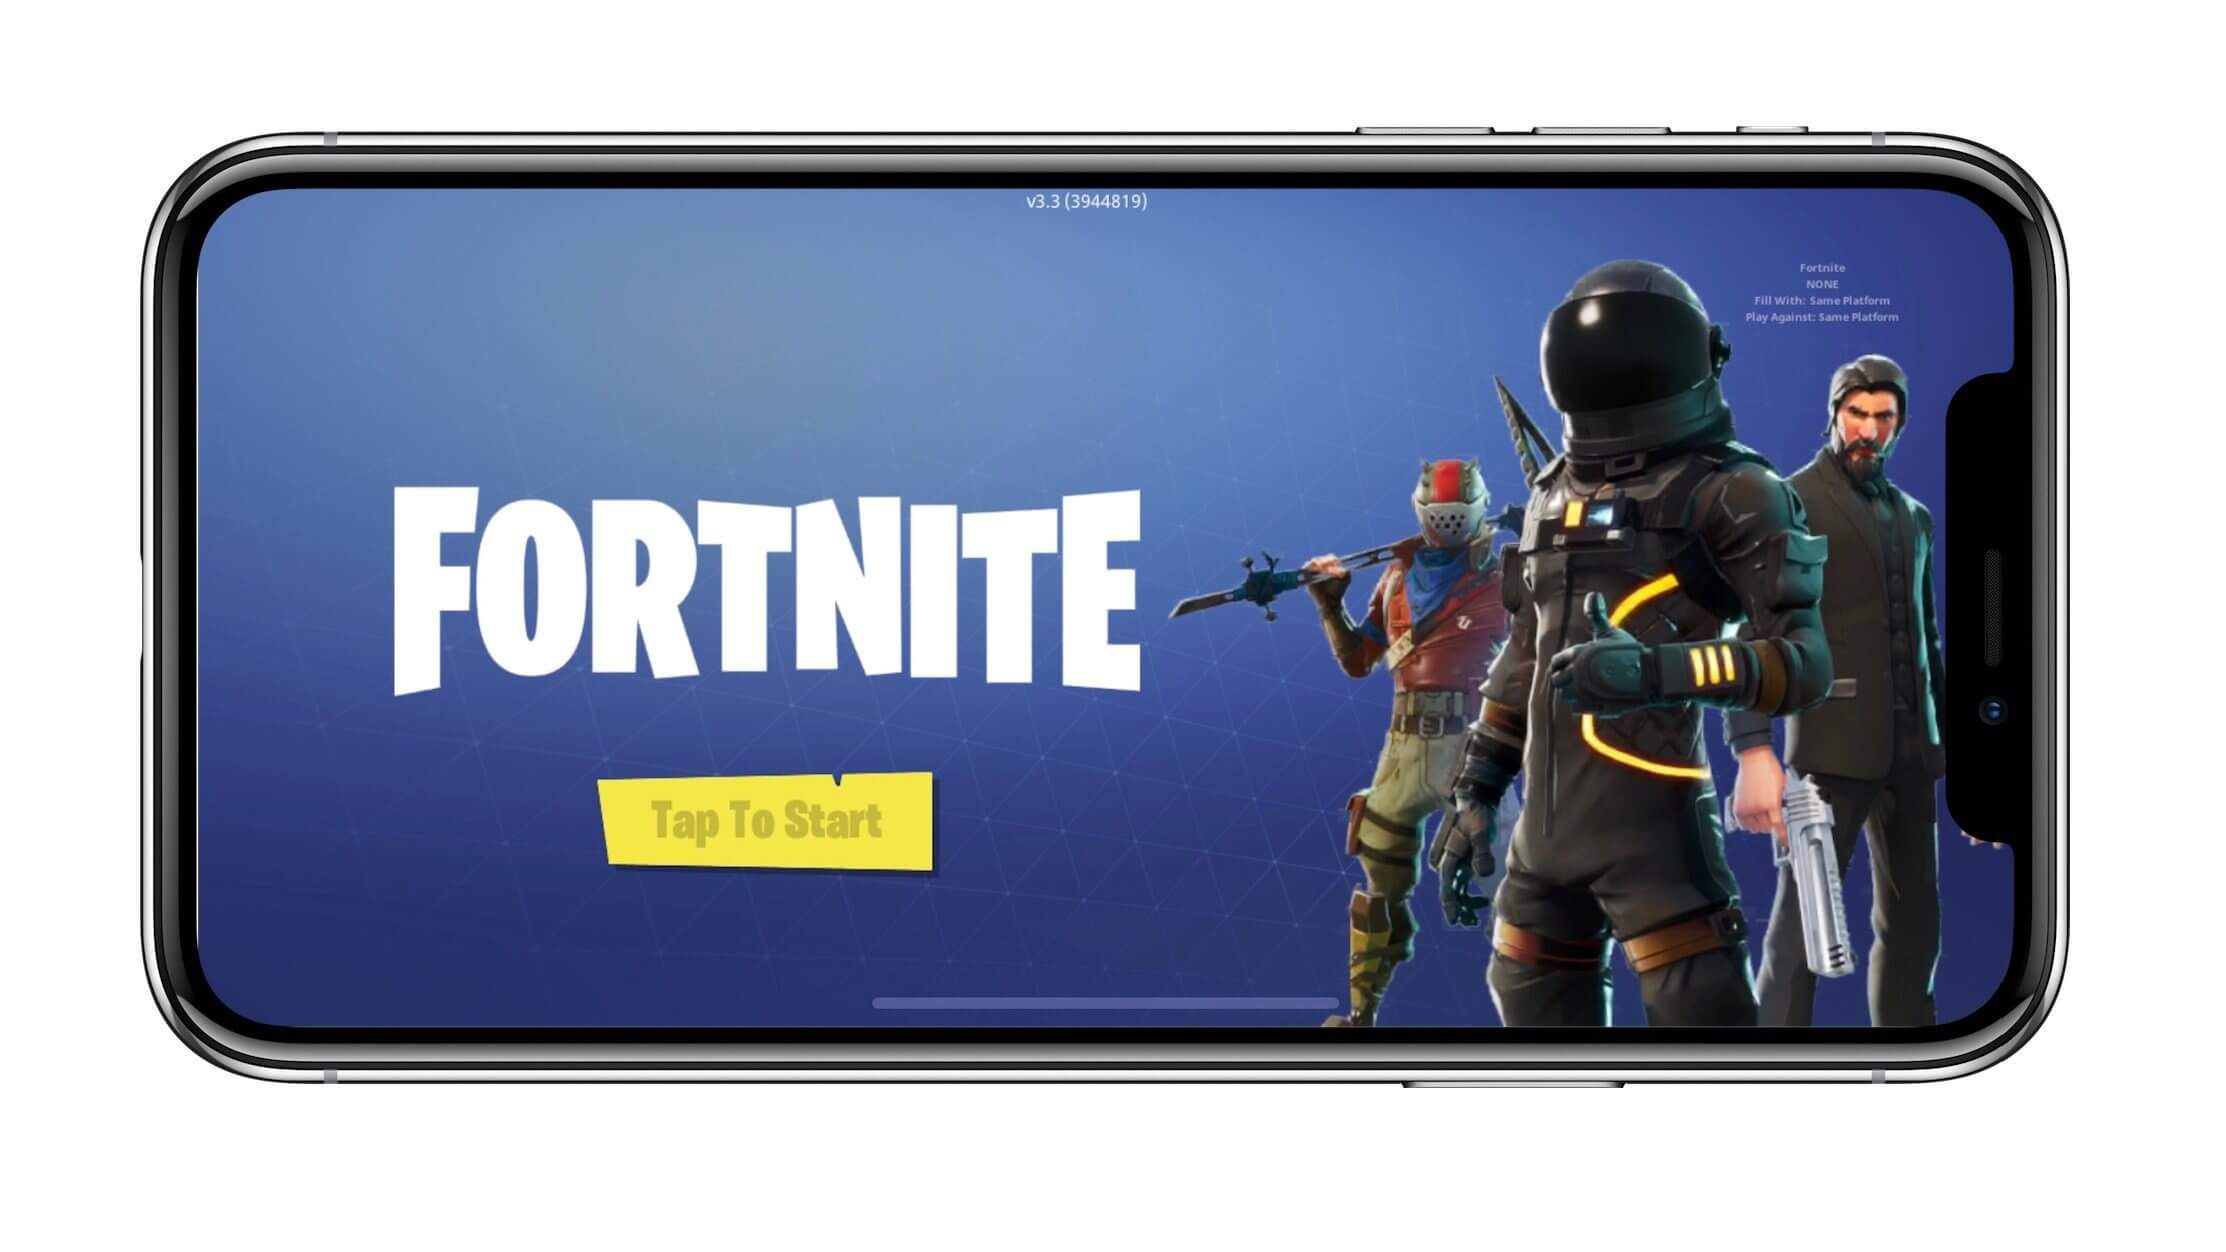 Fortnite удален из App Store после того, как Epic Games добавила возможность прямой оплаты